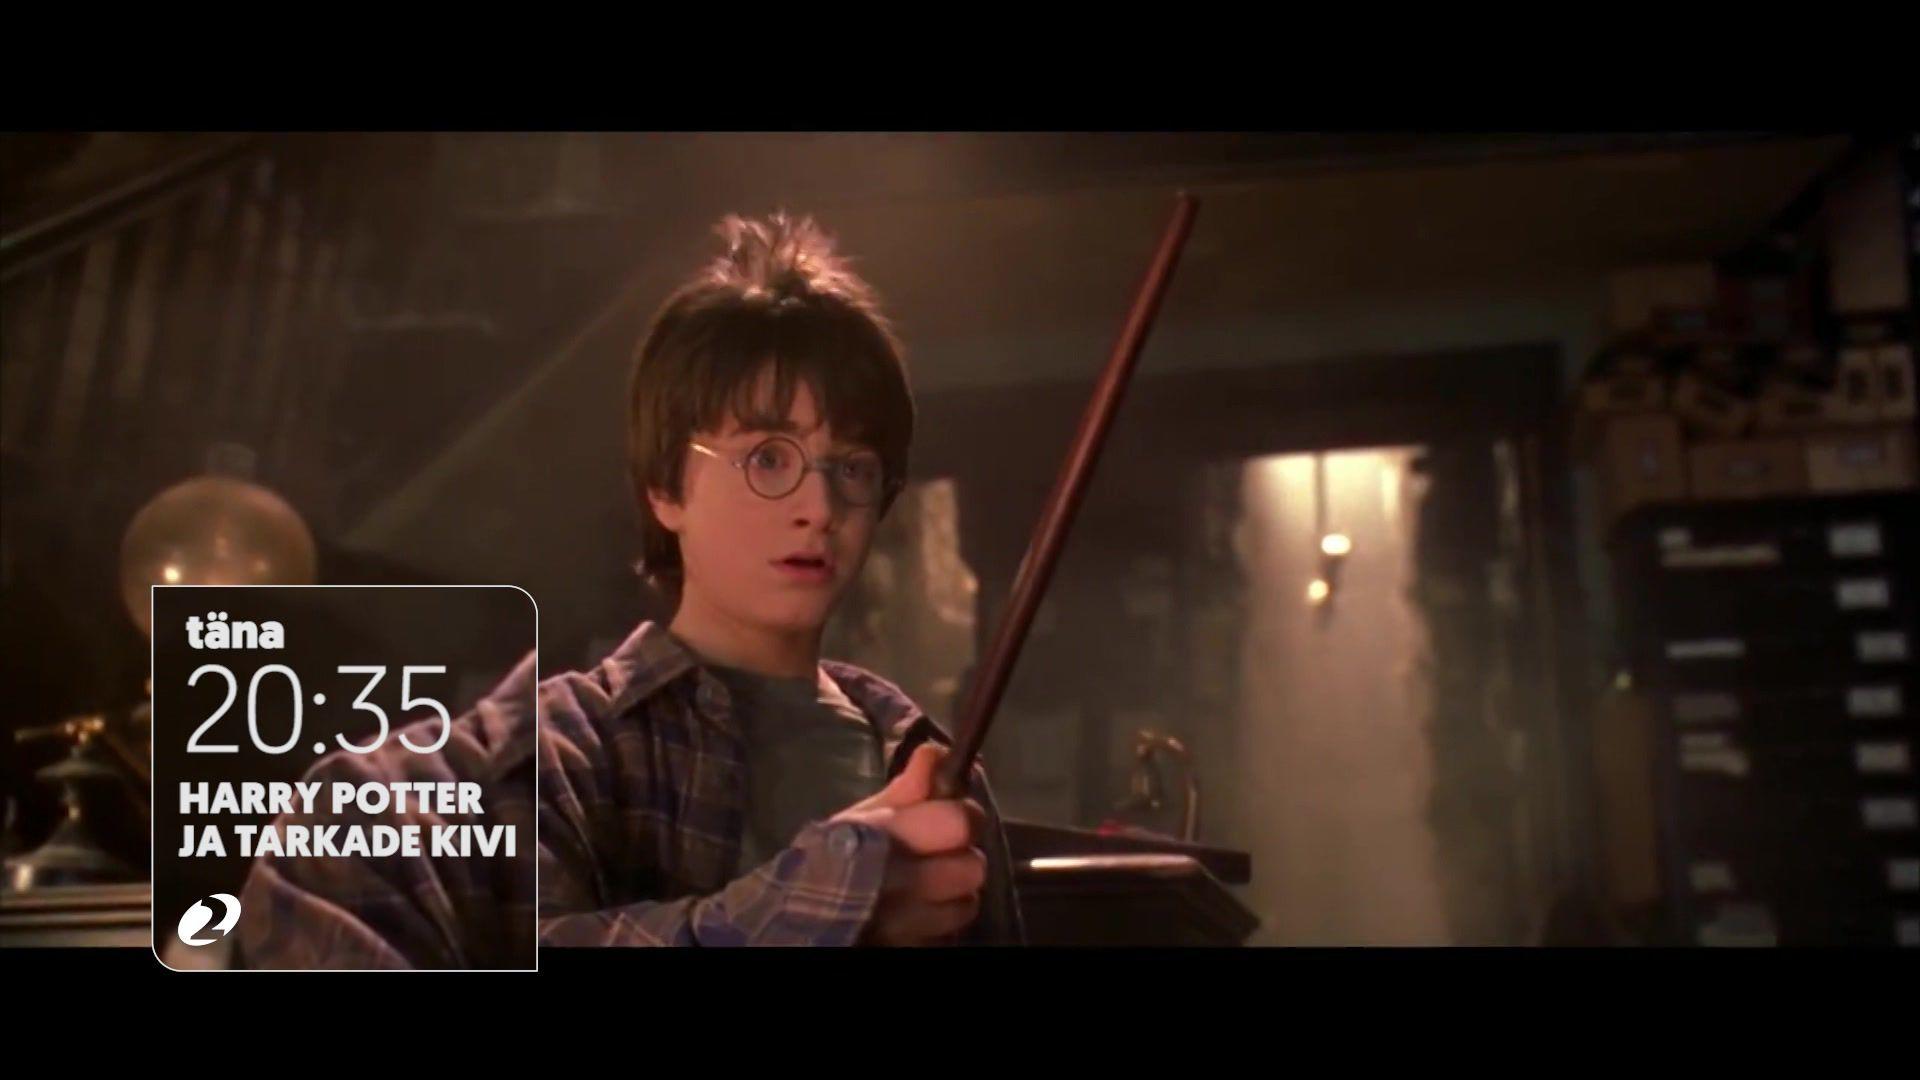 59f8febdbc4 Võluõhtu Kanal 2s: «Harry Potter ja tarkade kivi» viib tagasi aega, kus  Harry ja ta sõbrad alles võluriteed alustasid - Postimees TV - videod,  saated, ...